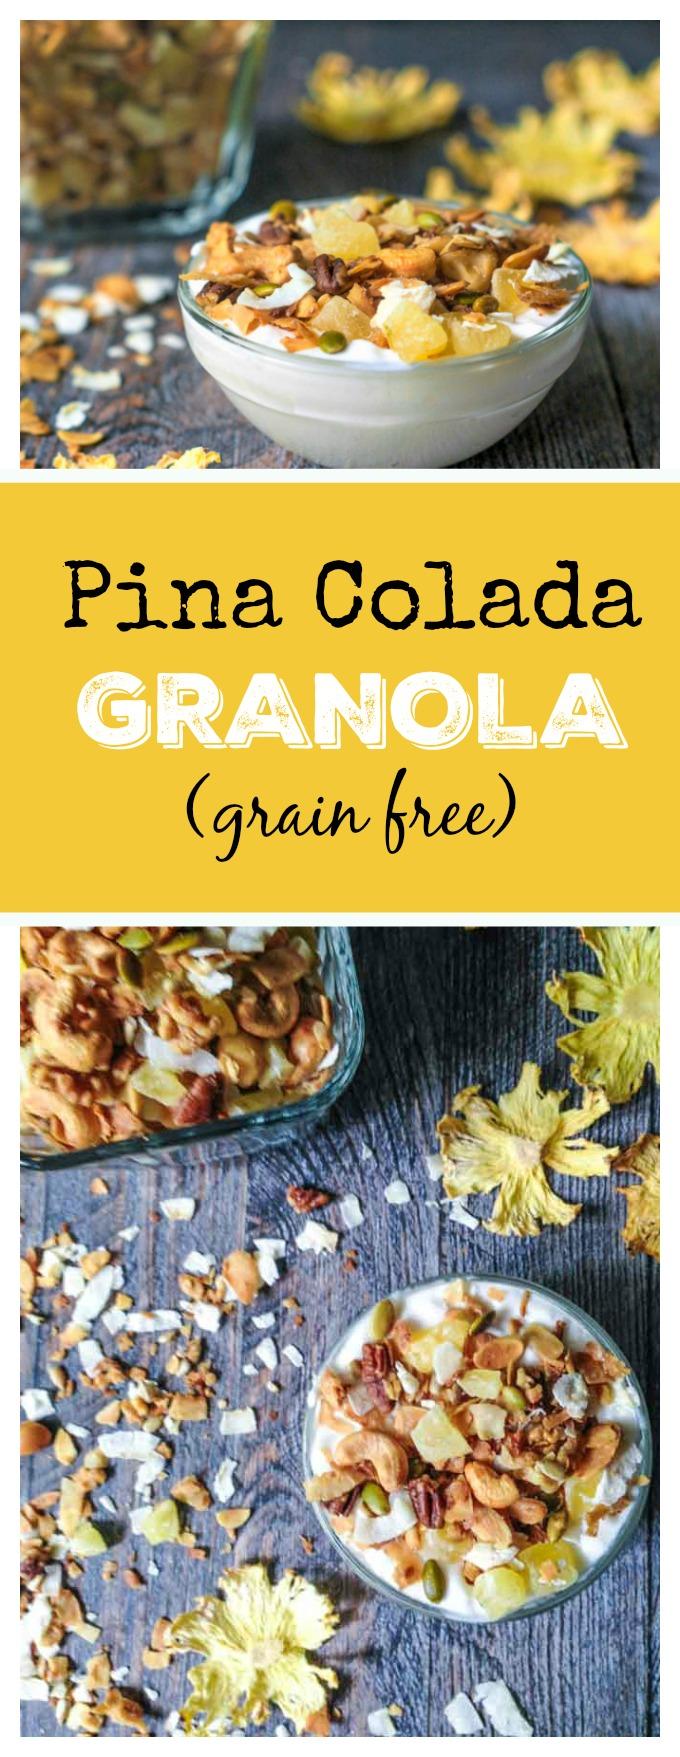 Pina-colada-granola-grain-free-pin